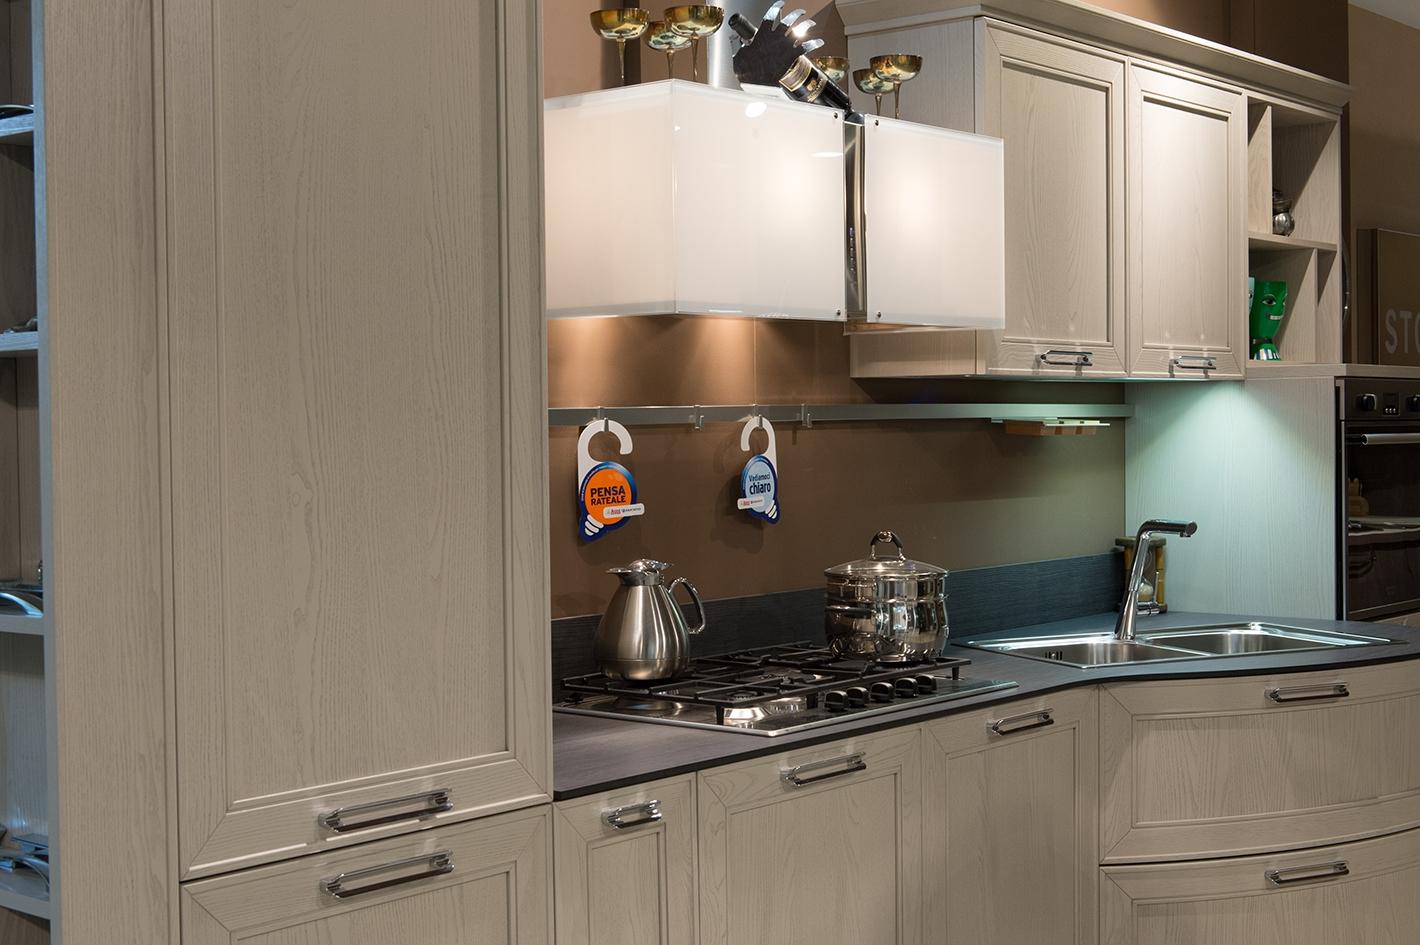 Cucina stosa maxim completa di elettrodomestici cucine a prezzi scontati - Stosa cucine prezzi ...